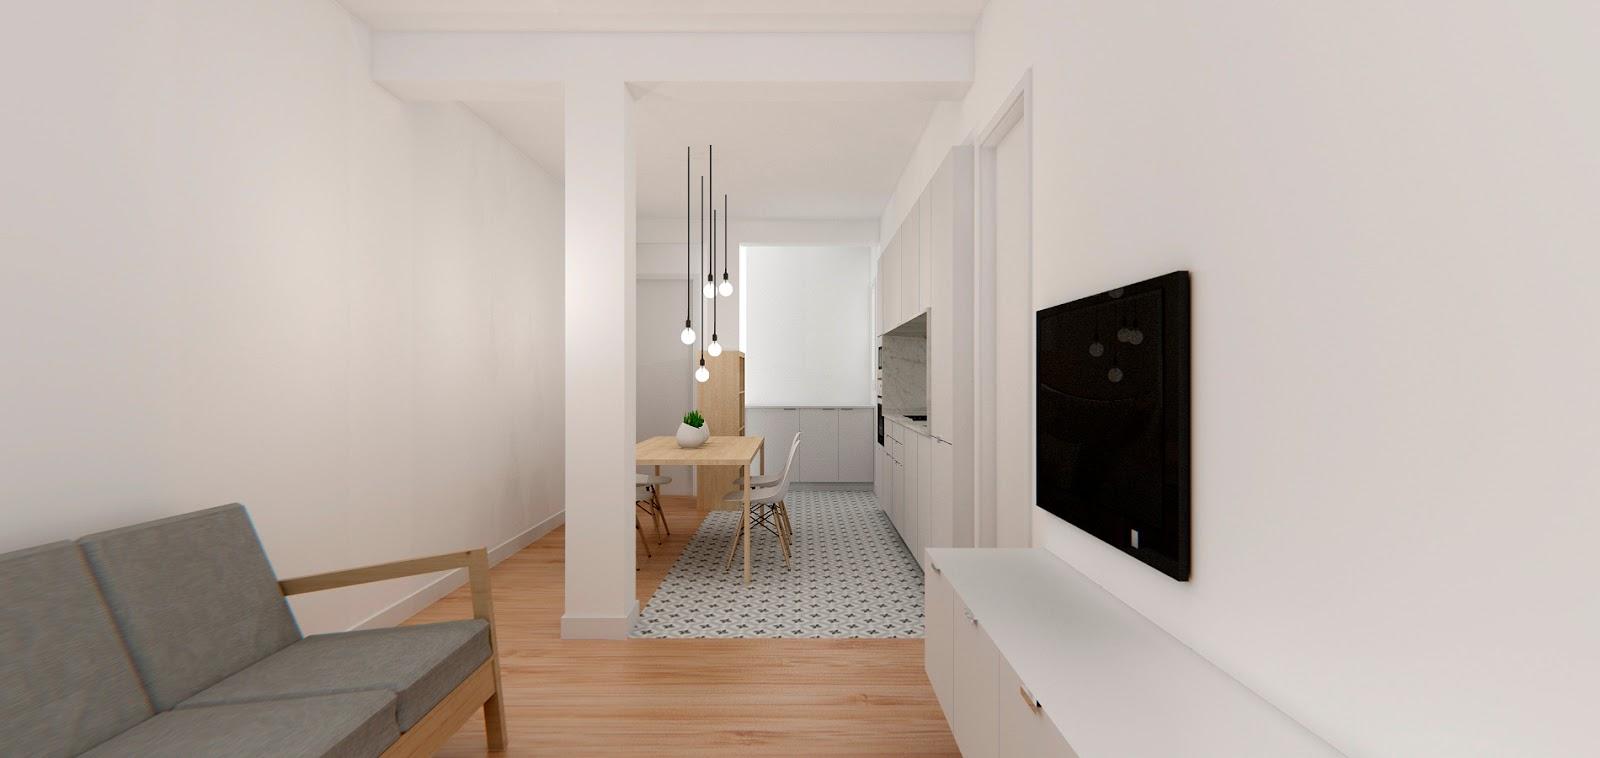 REFORMA de APARTAMENTO en VALENCIA | DG Arquitecto Valencia